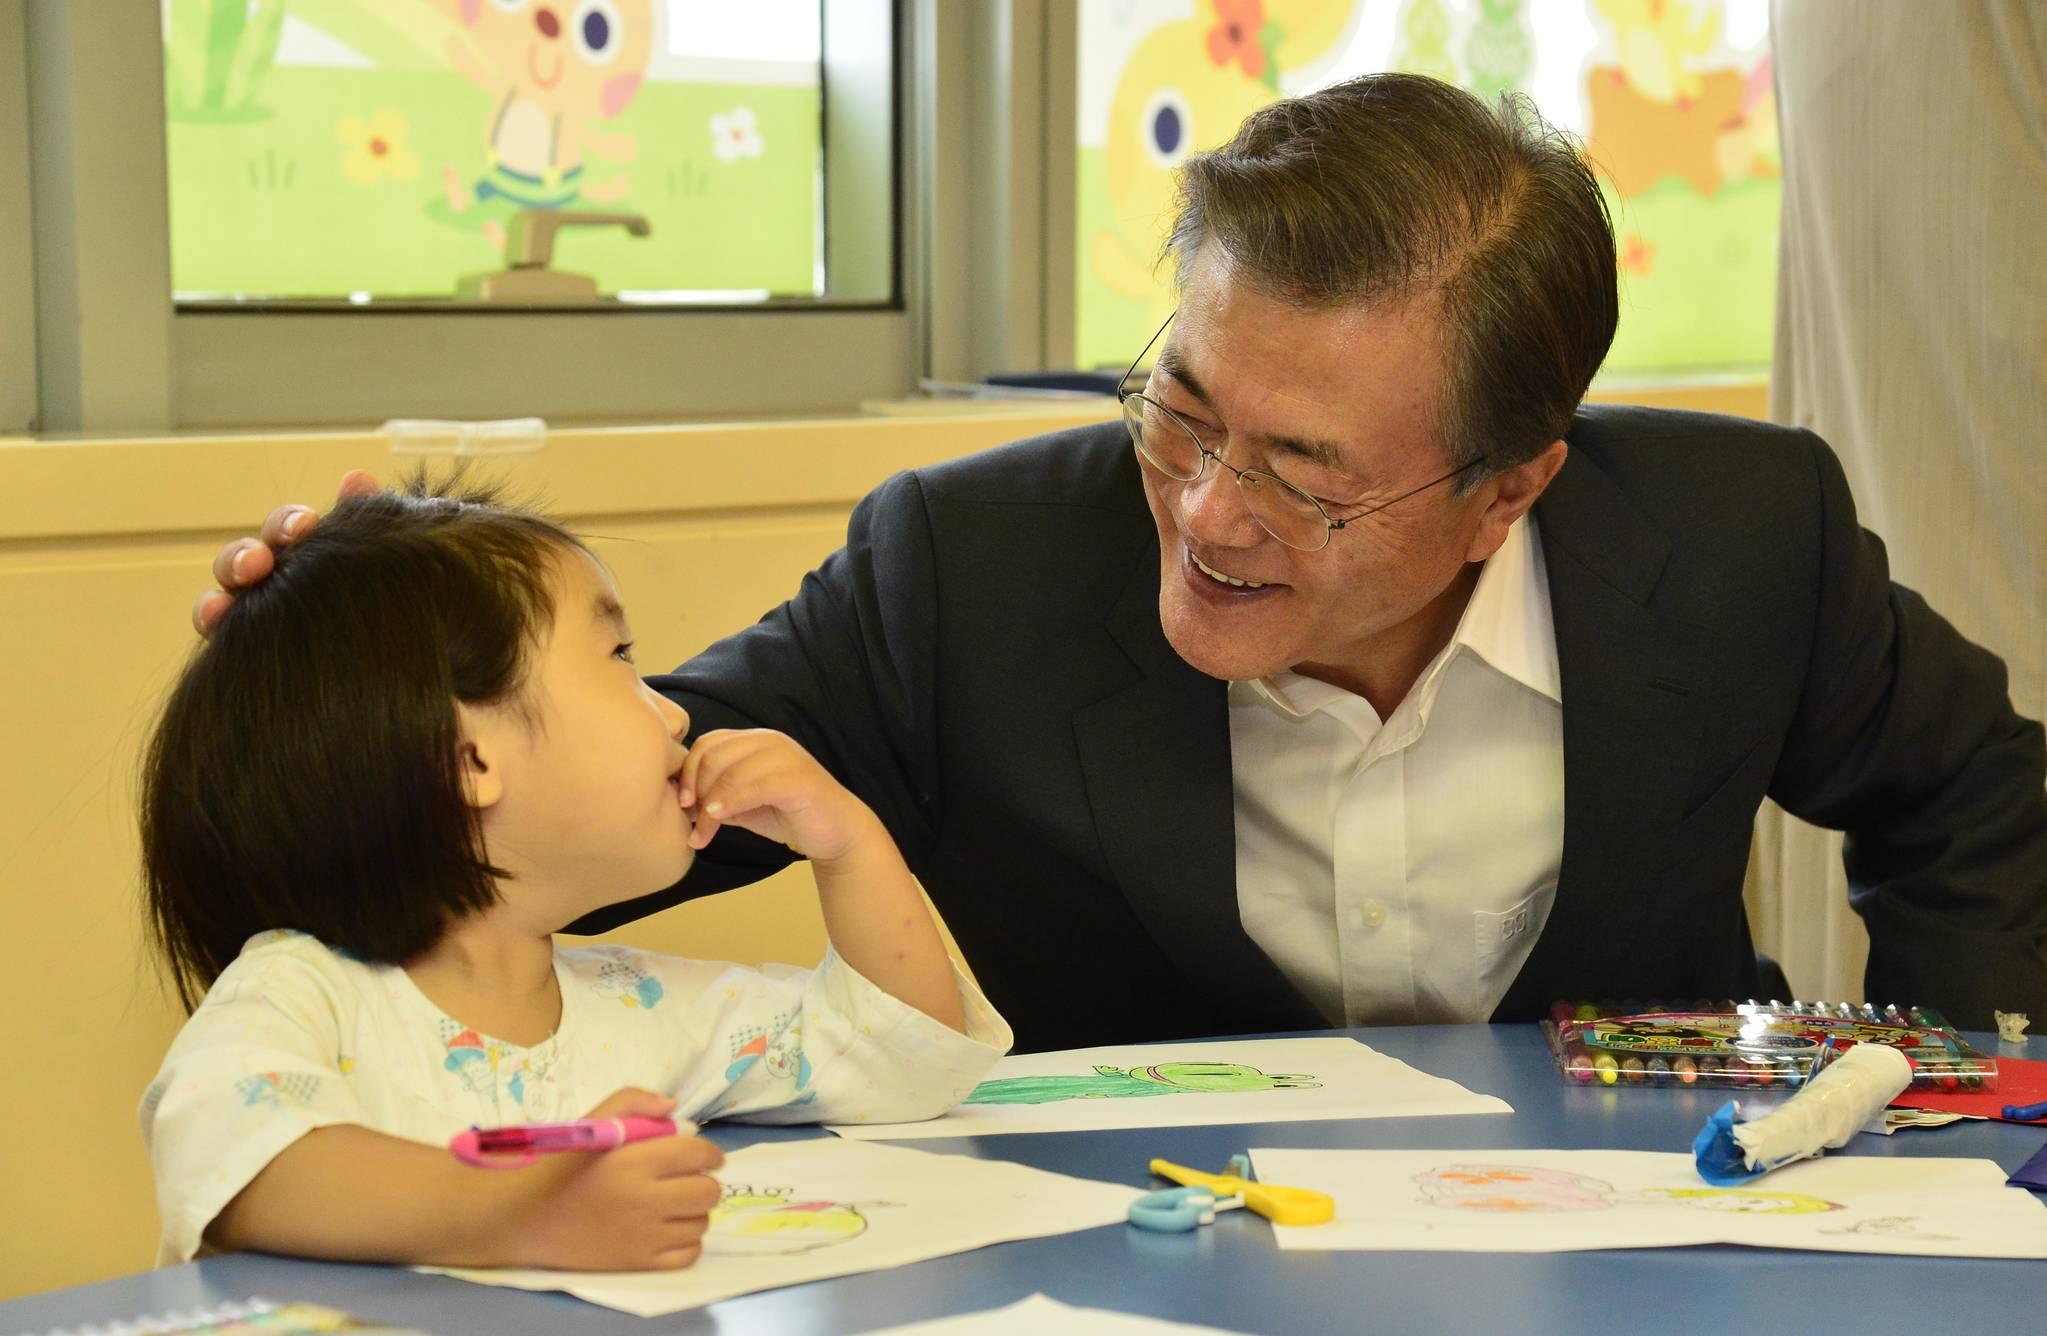 지난해 8월 9일 문재인 대통령이 서울 서초구 서울성모병원을 방문해 병원내 어린이학교에서 아이들과 같이 그림 그리기를 하고 있다. 청와대사진기자단